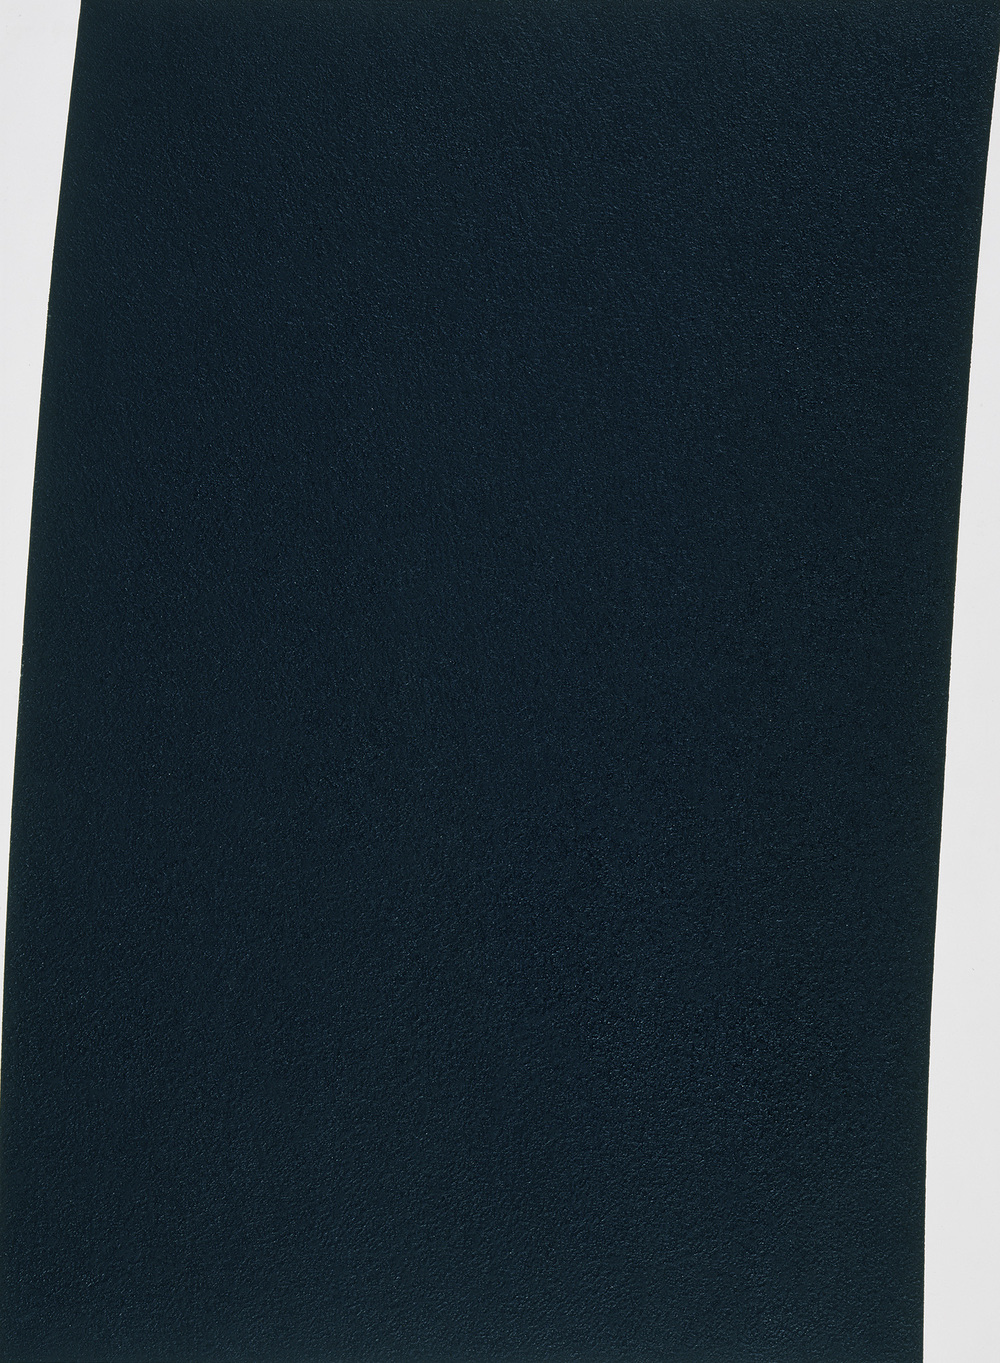 Richard Serra  Extension #2 • 2004 Gravura em metal Edição: 58 170.2 x 121.9 cm